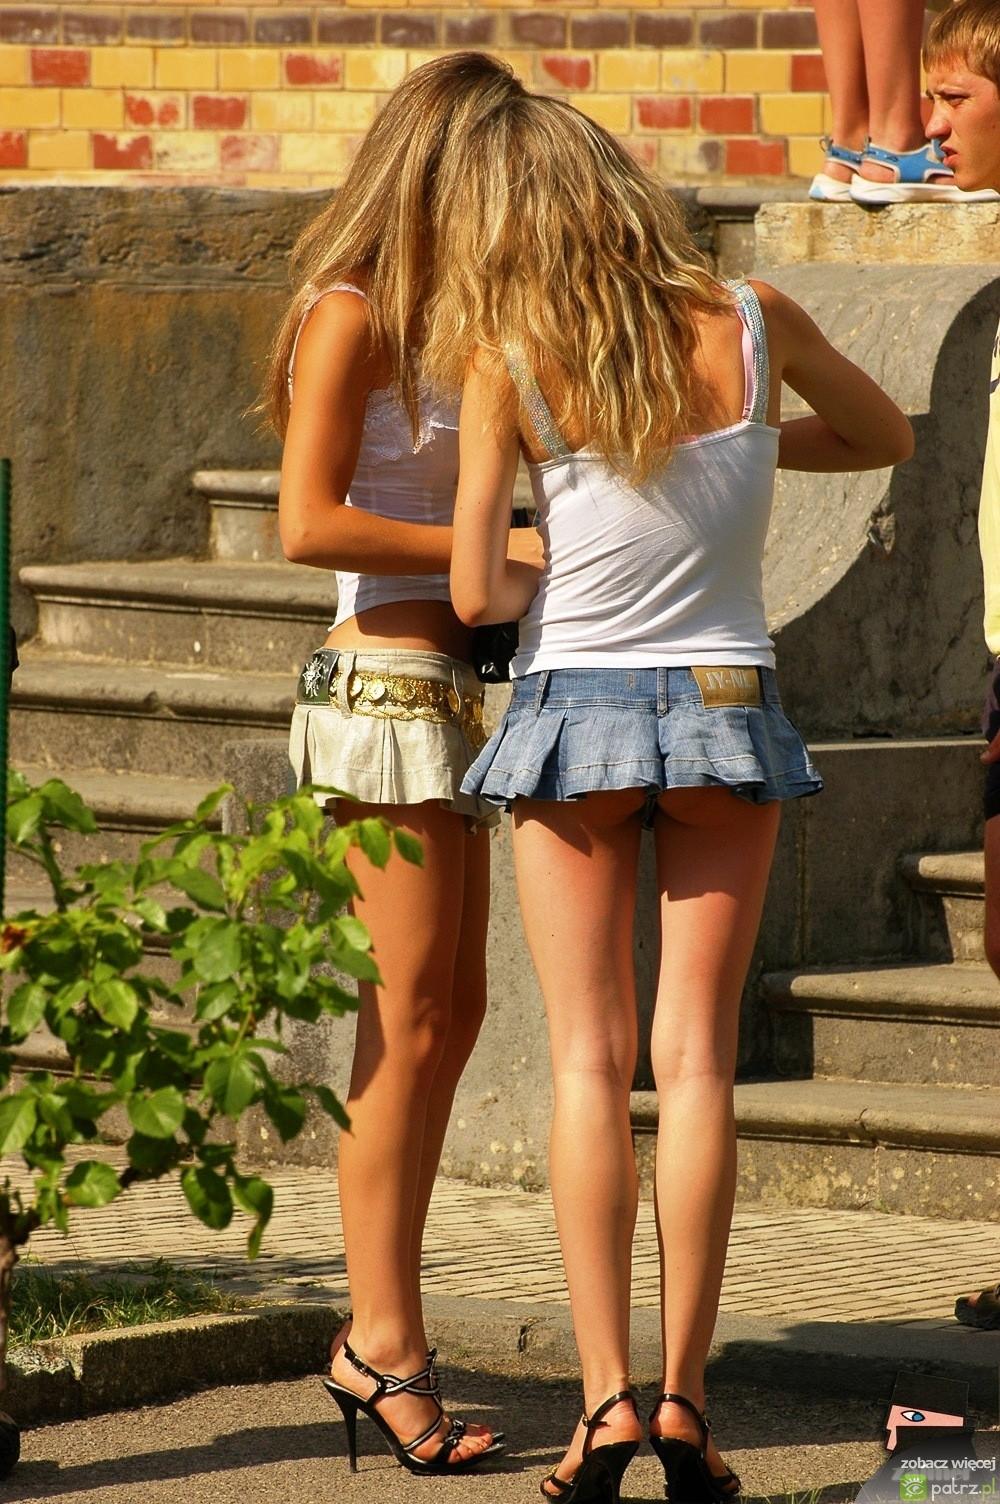 Фото женщин на улице из россии 21 фотография